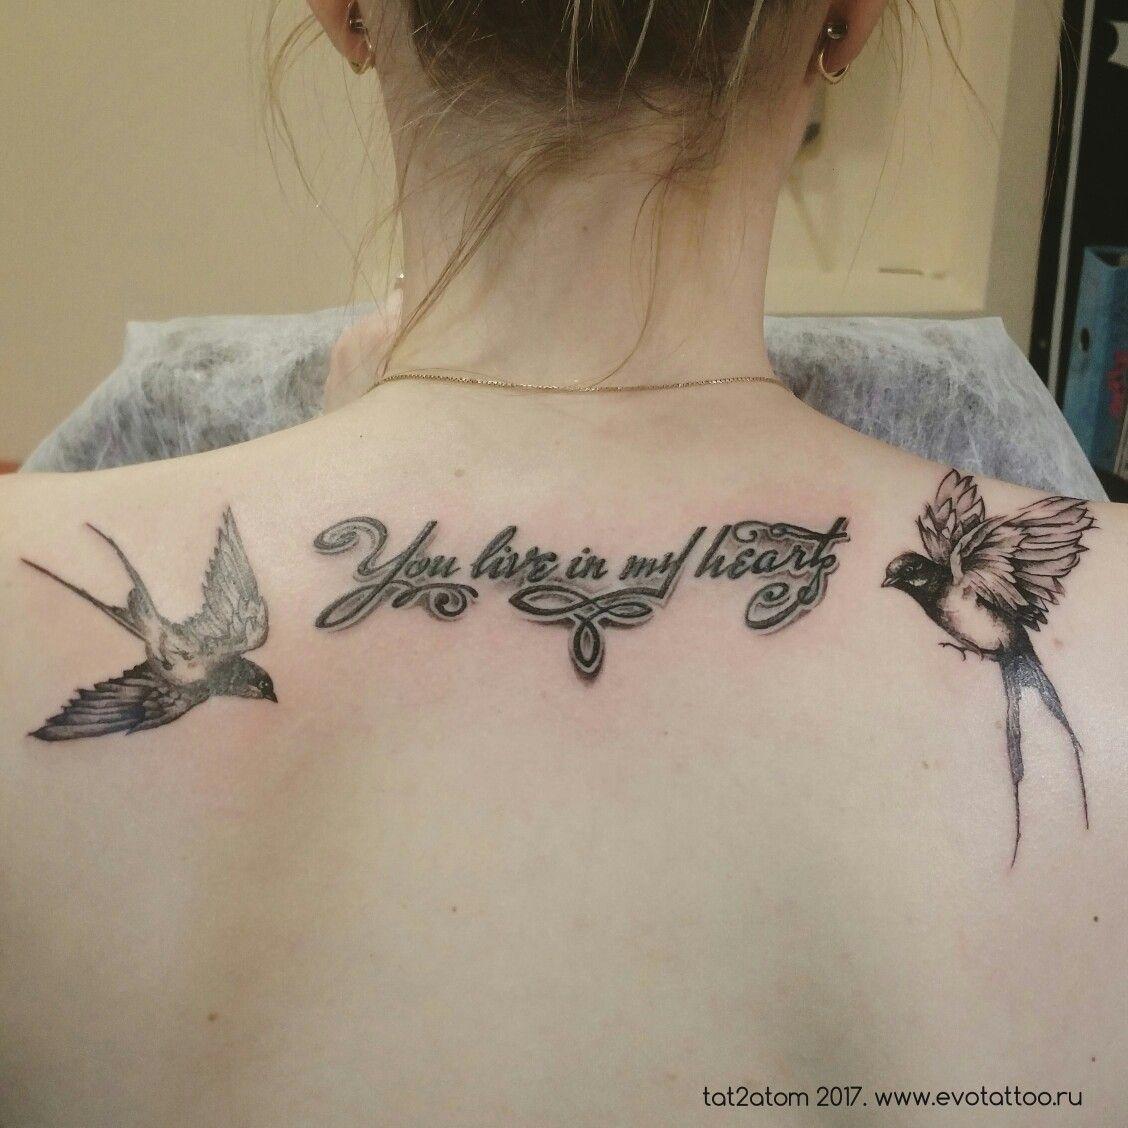 татуировка ласточки и надпись смешанный стиль геометрия дотворк